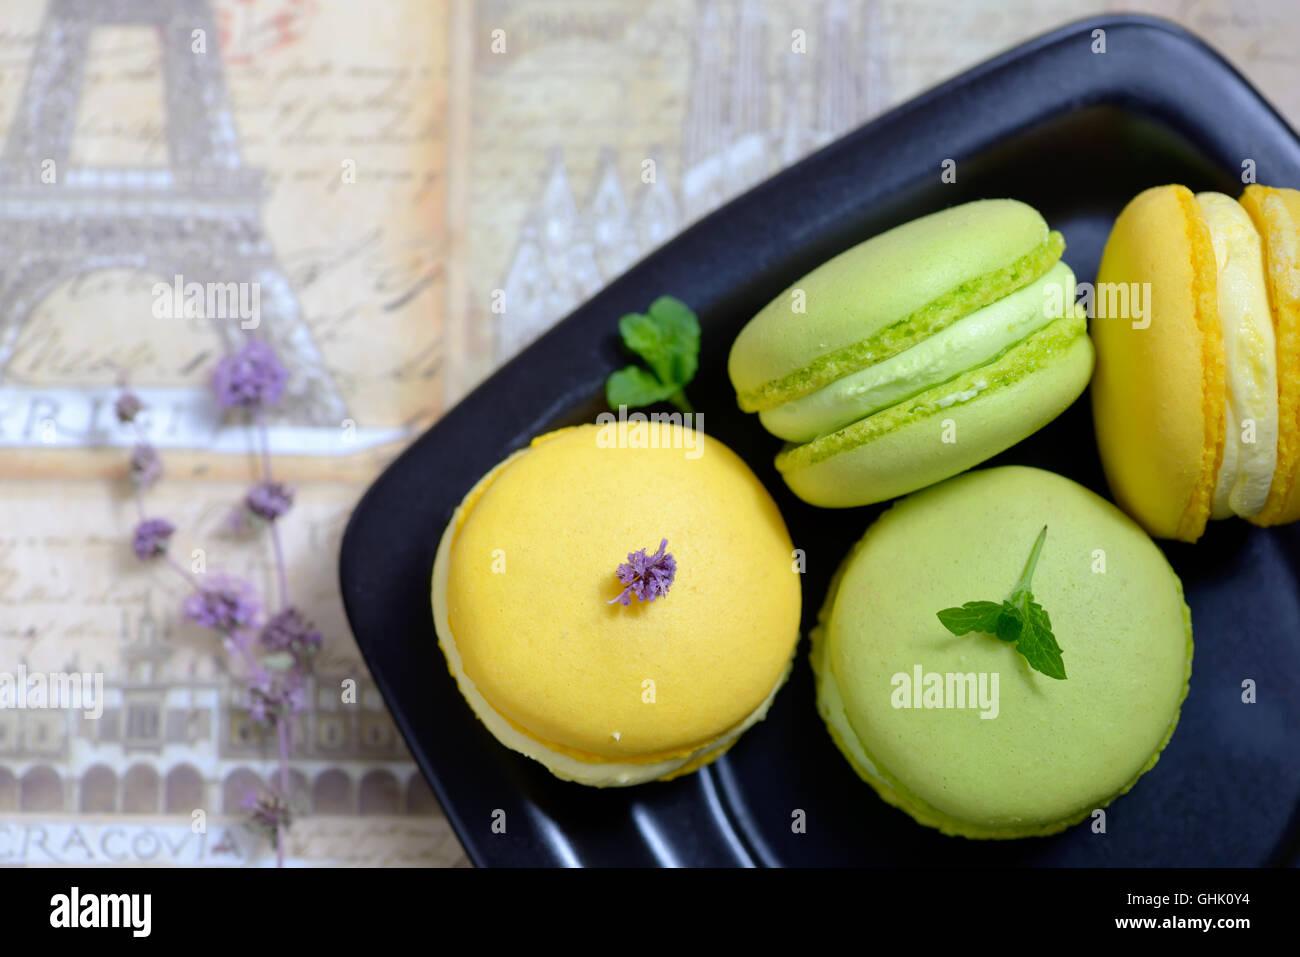 Limone e aroma di menta french macarons sulla piastra nera Immagini Stock